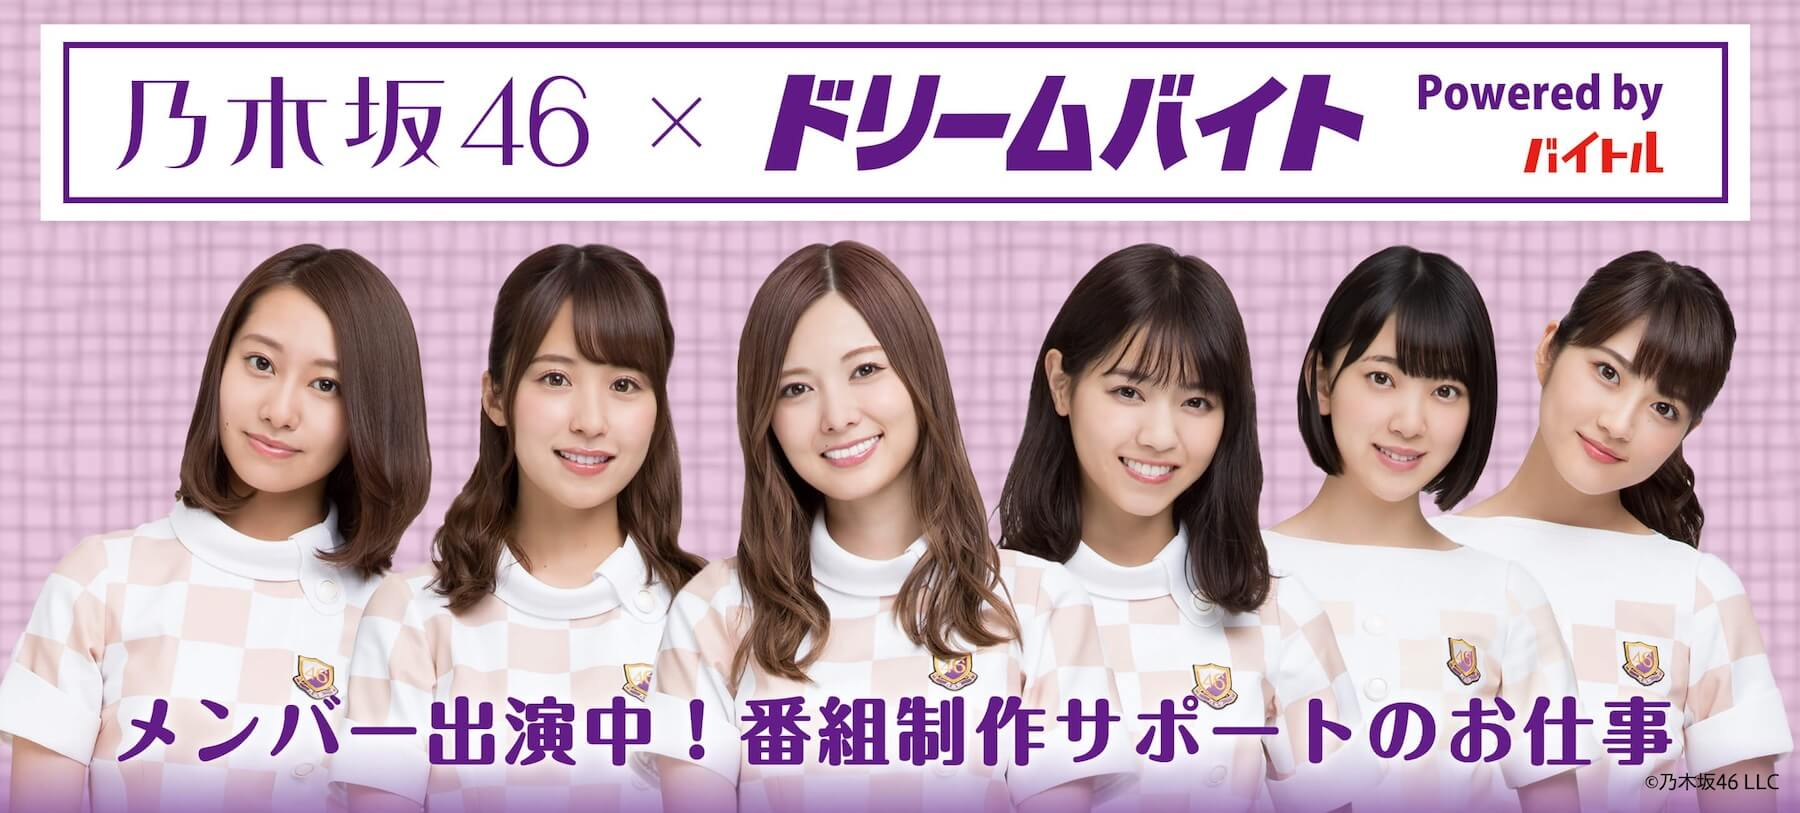 バイトル×乃木坂46「ドリームバイト」